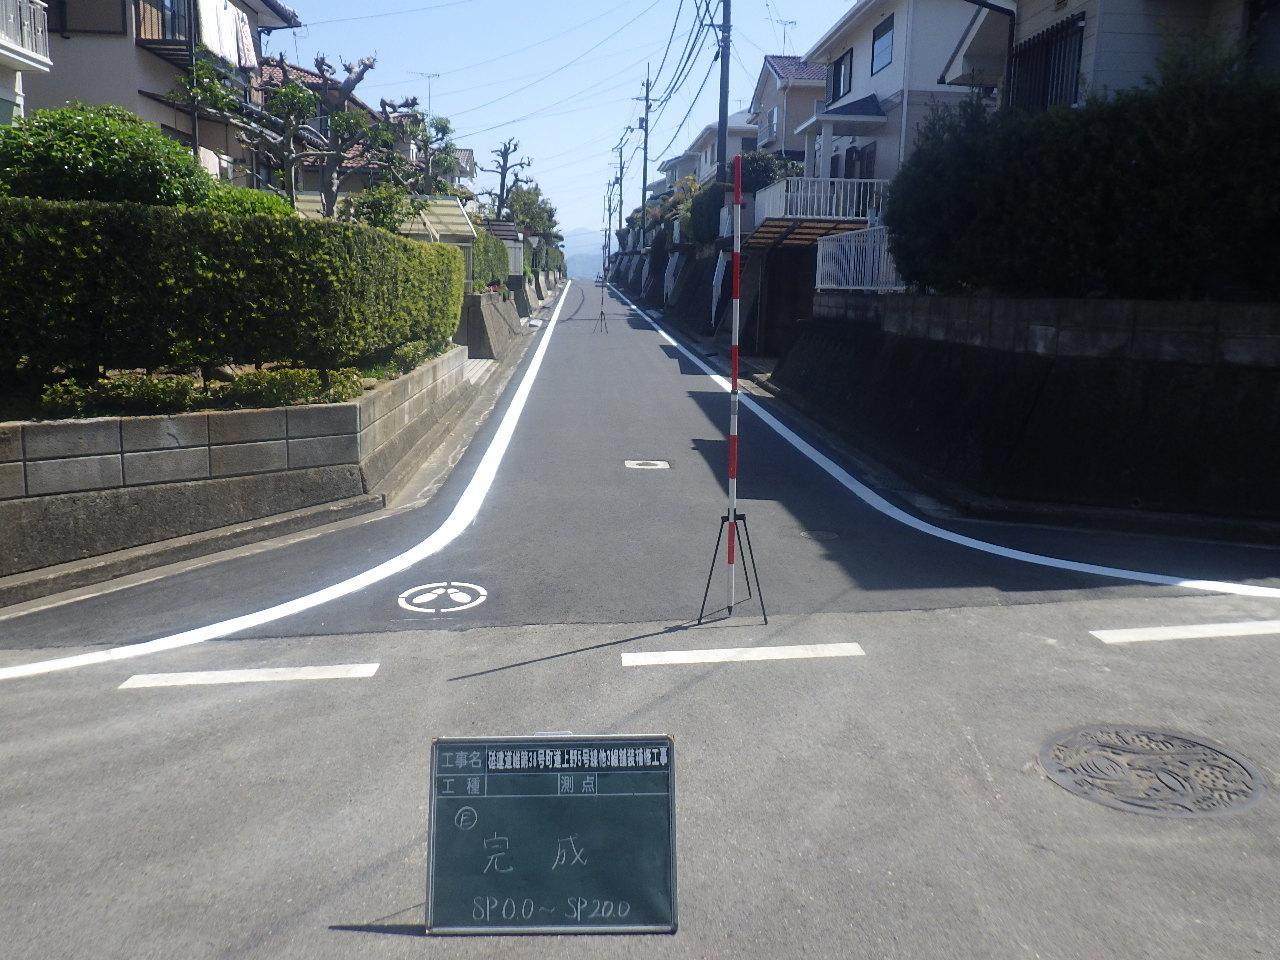 砥建道維第38号 町道上野5号線他3線舗装補修工事